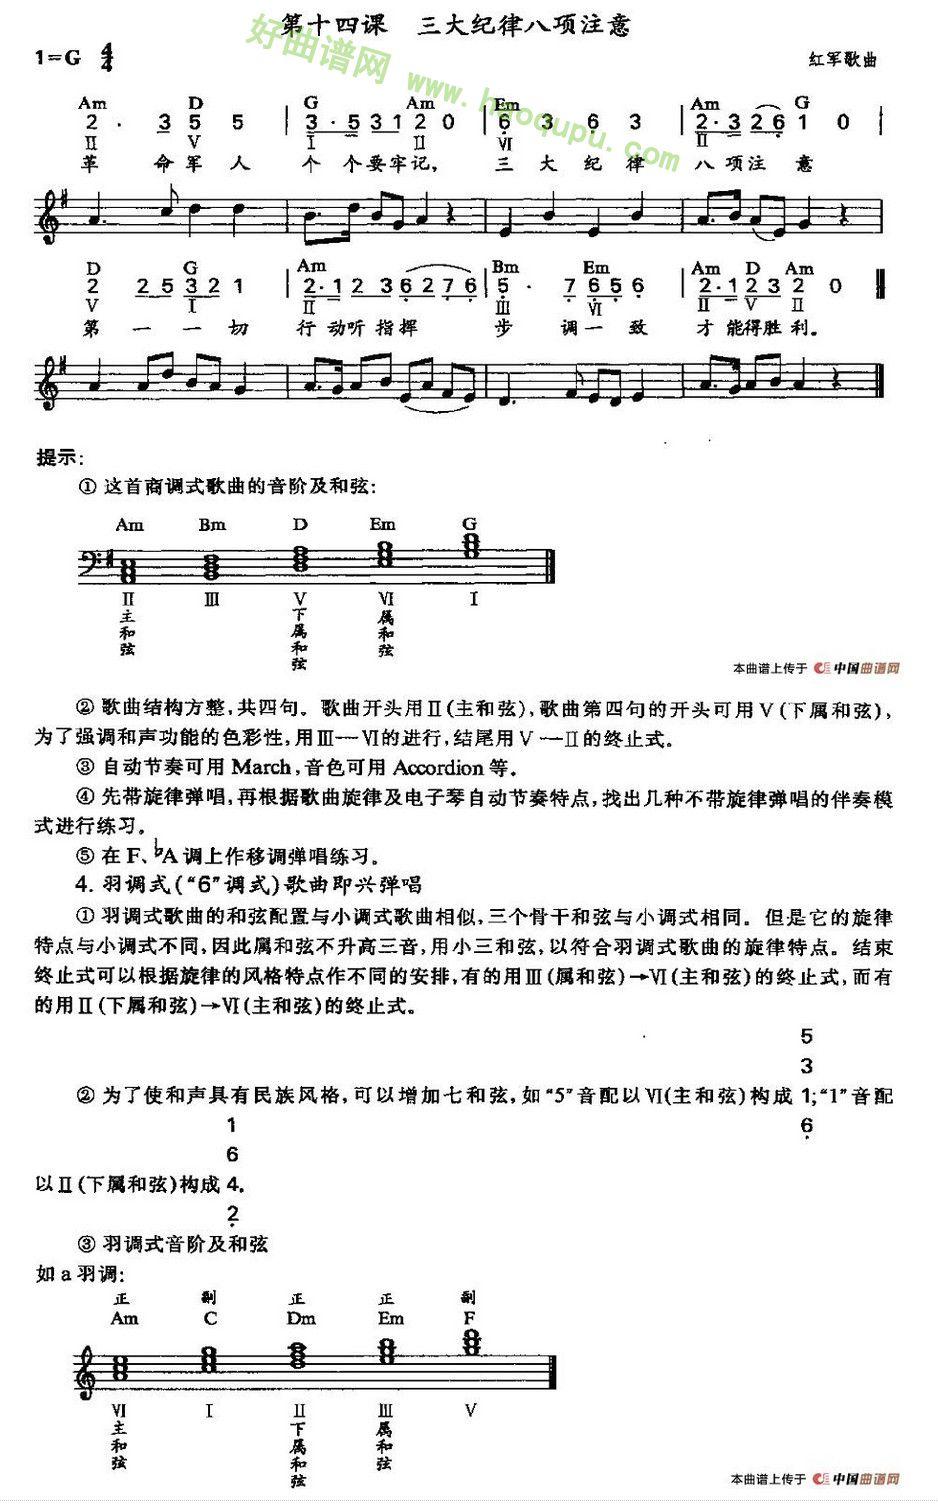 纪律八项注意 电子琴简谱